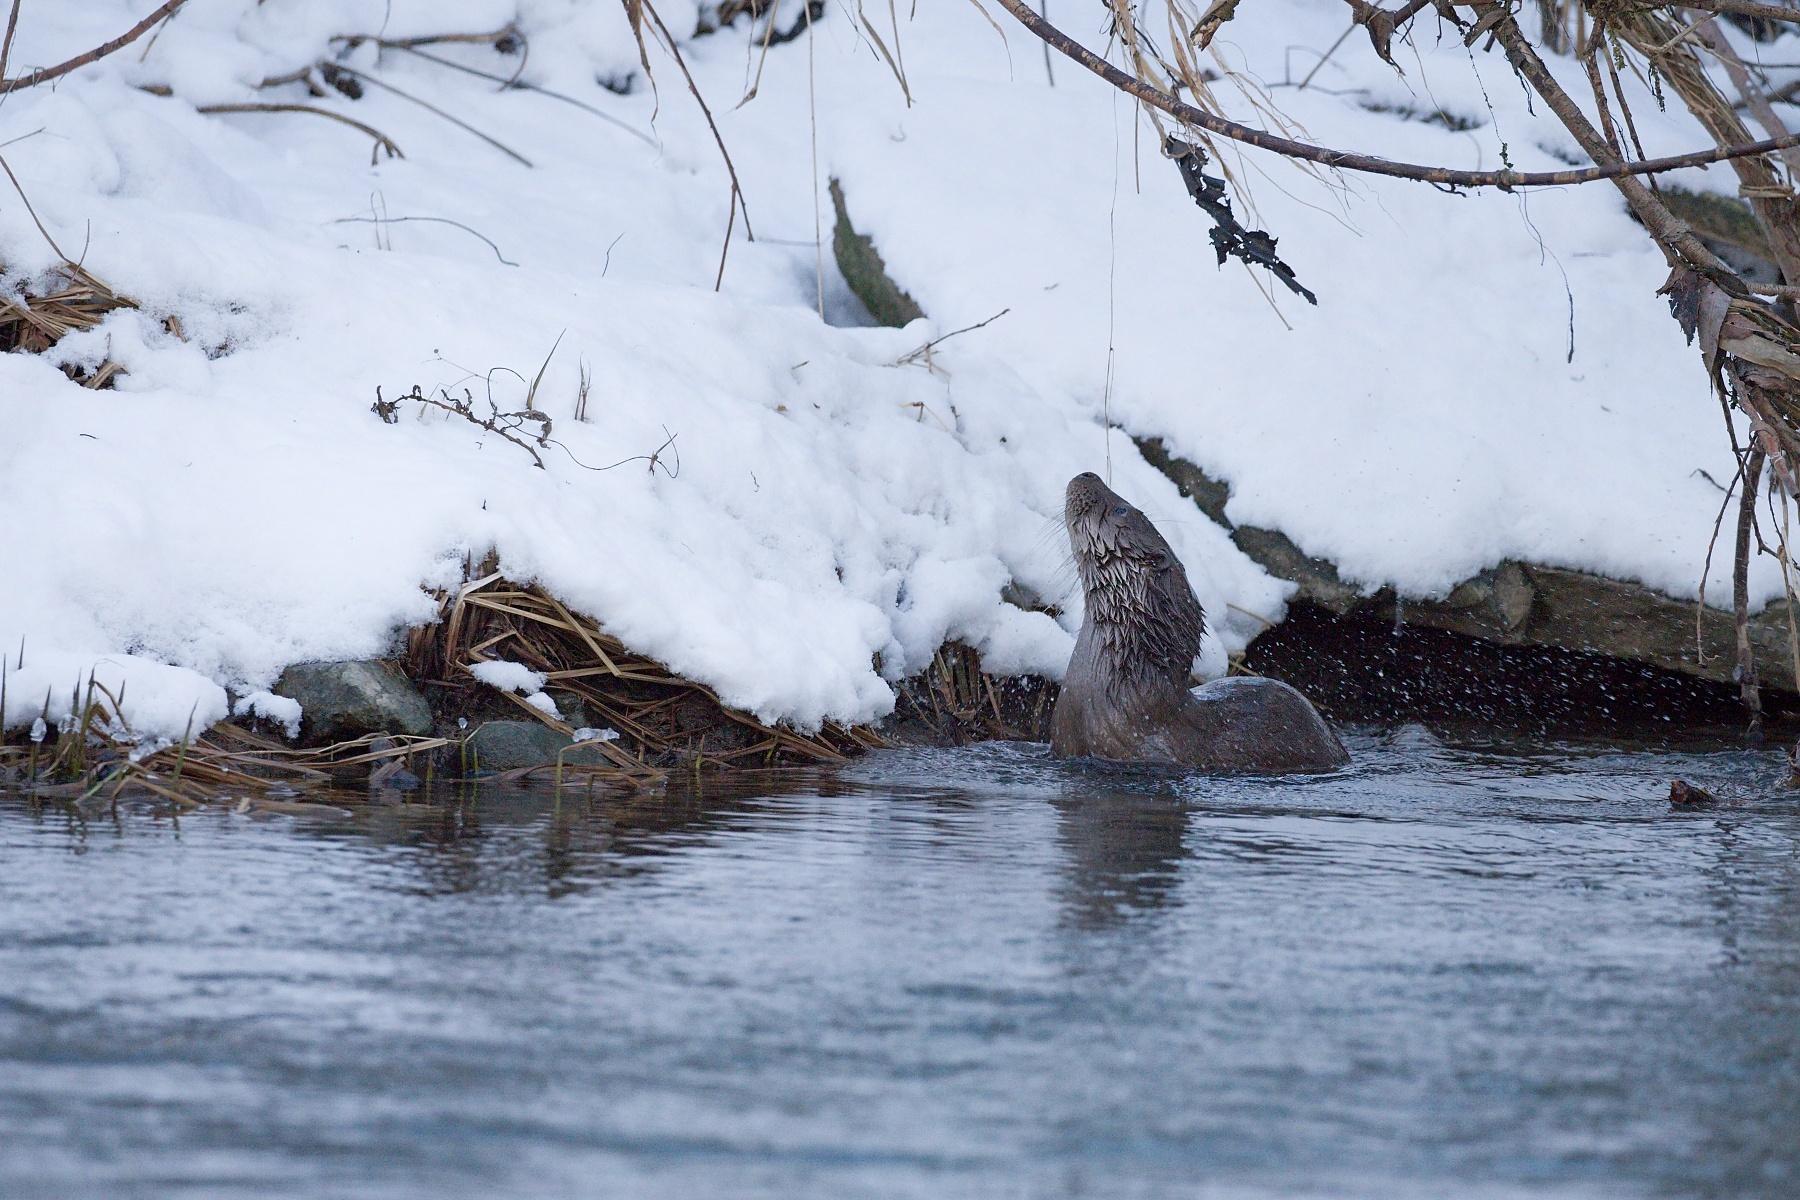 vydra riečna (Lutra lutra) Eurasian otter, rieka Turiec, Turčianska kotlina, Slovensko